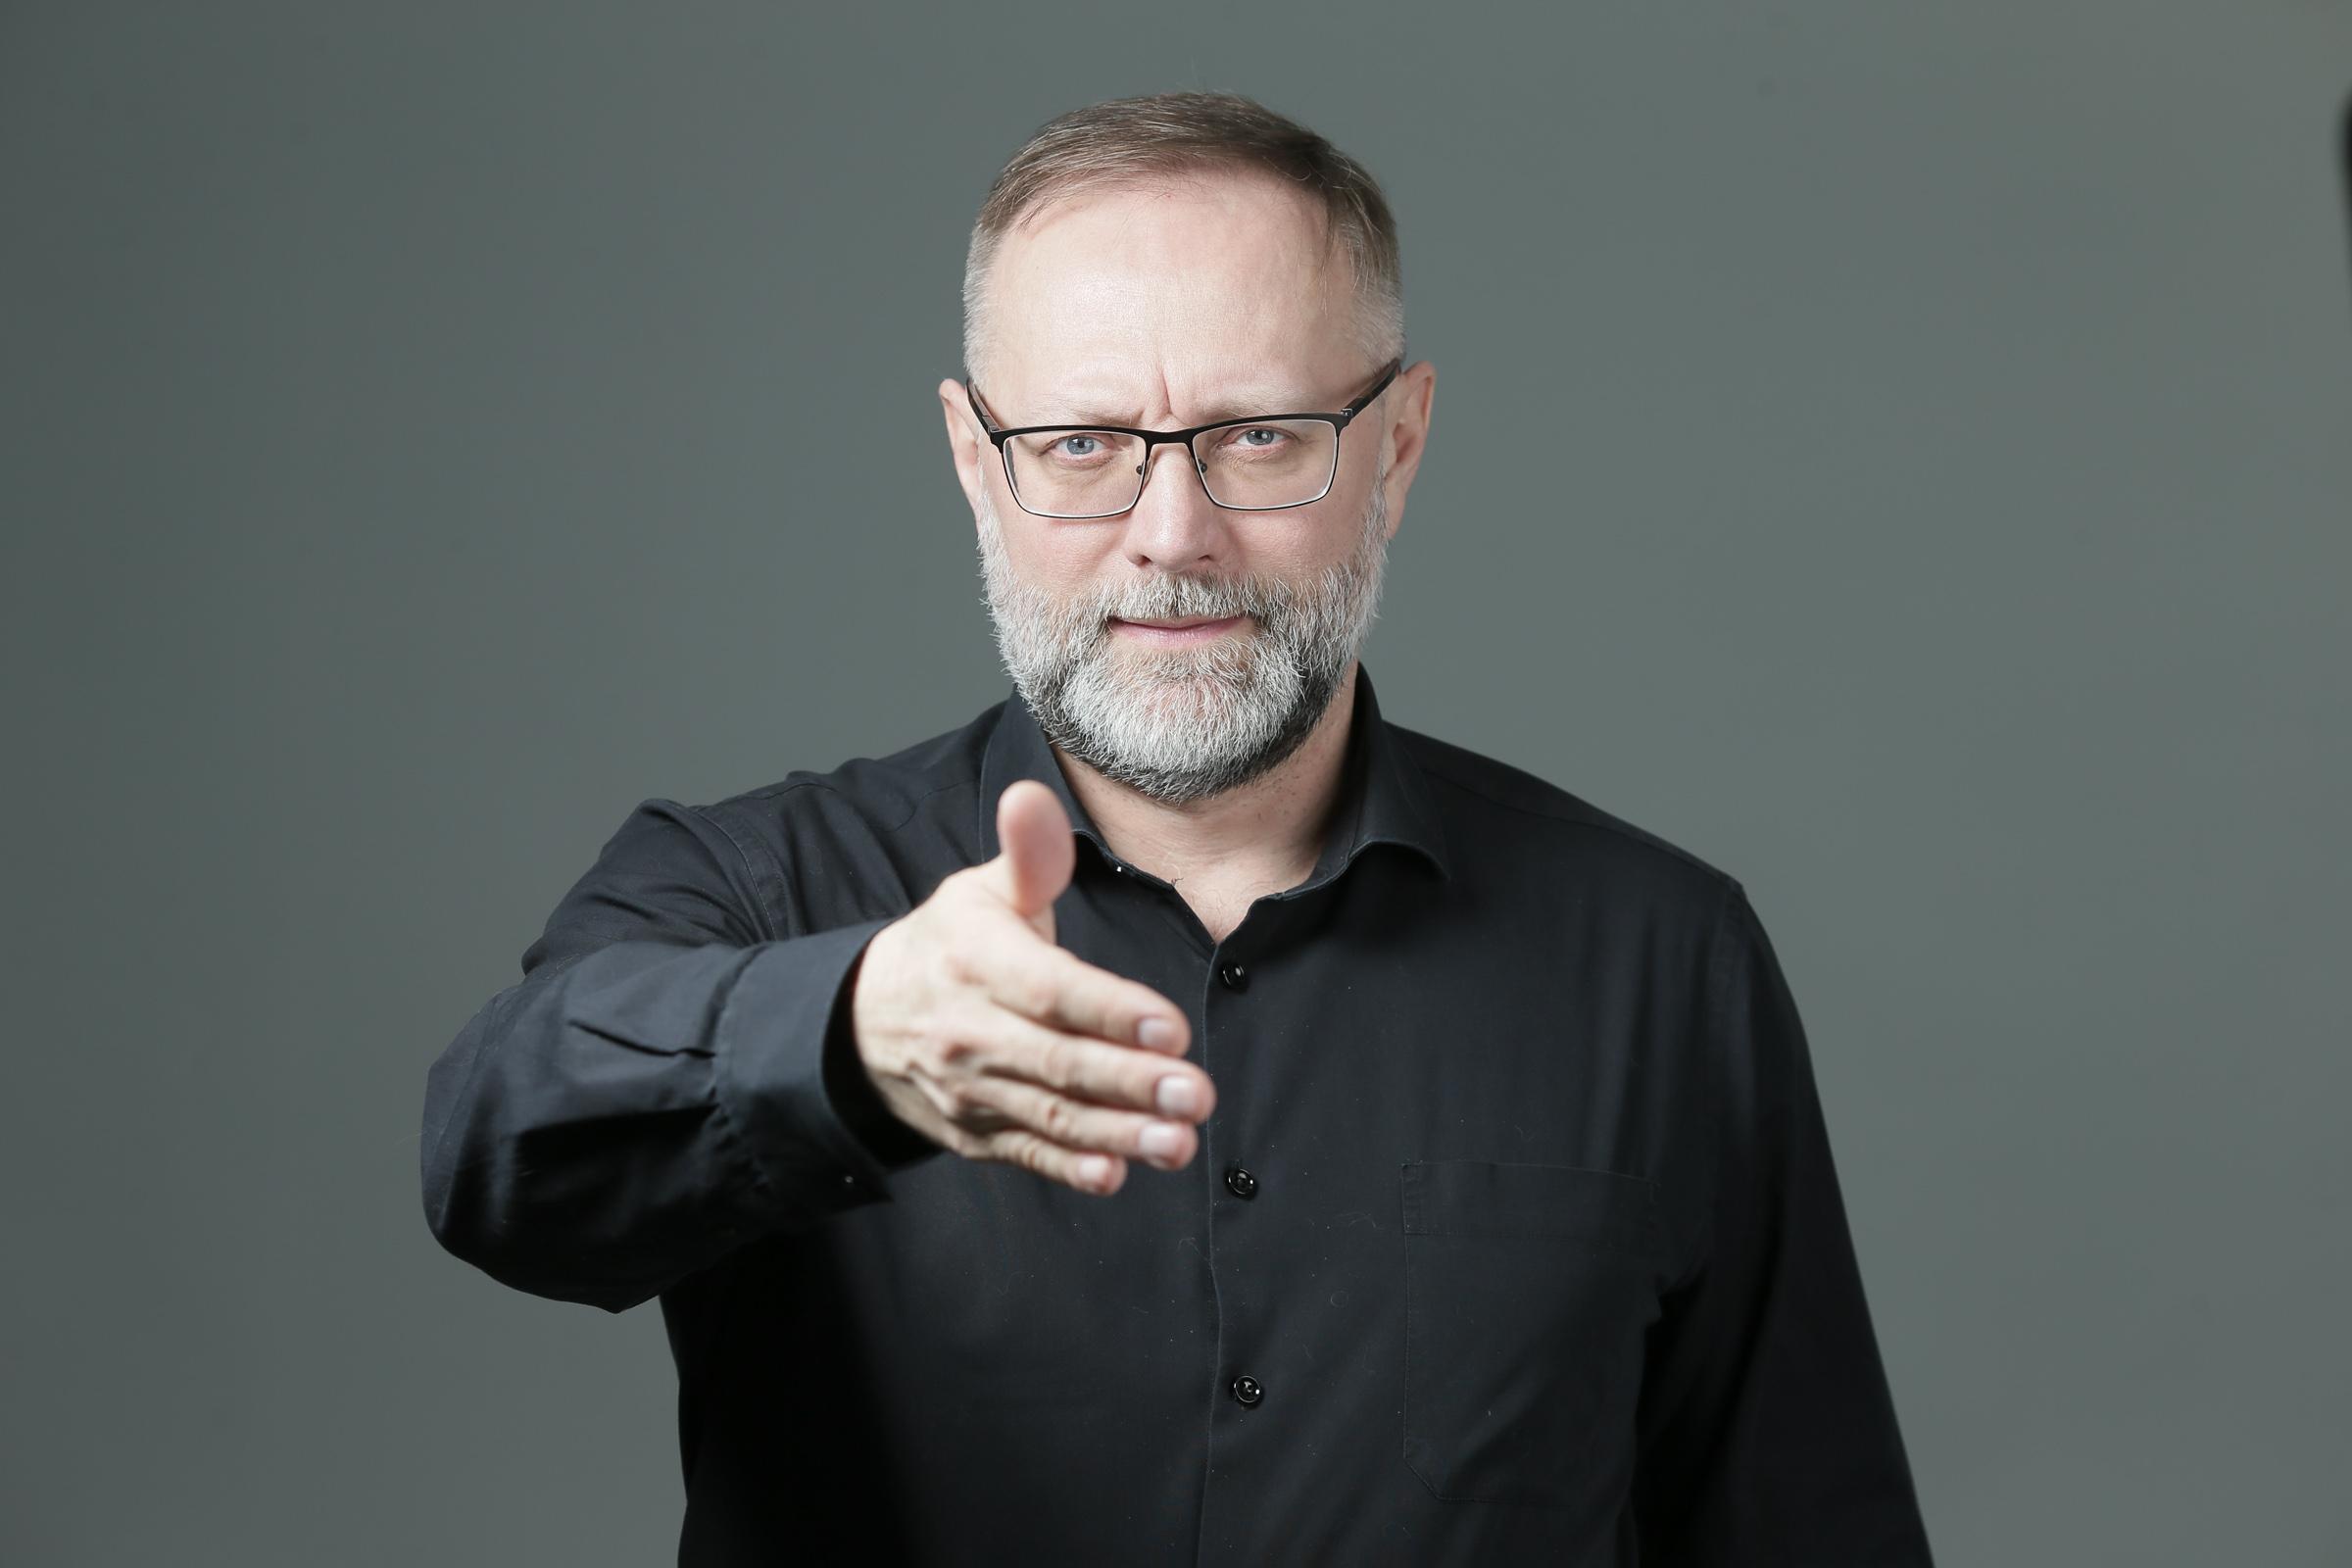 Тренер риэлторов-миллионеров выступит в новом амплуа с экспериментальным продуктом «Река Жизни»